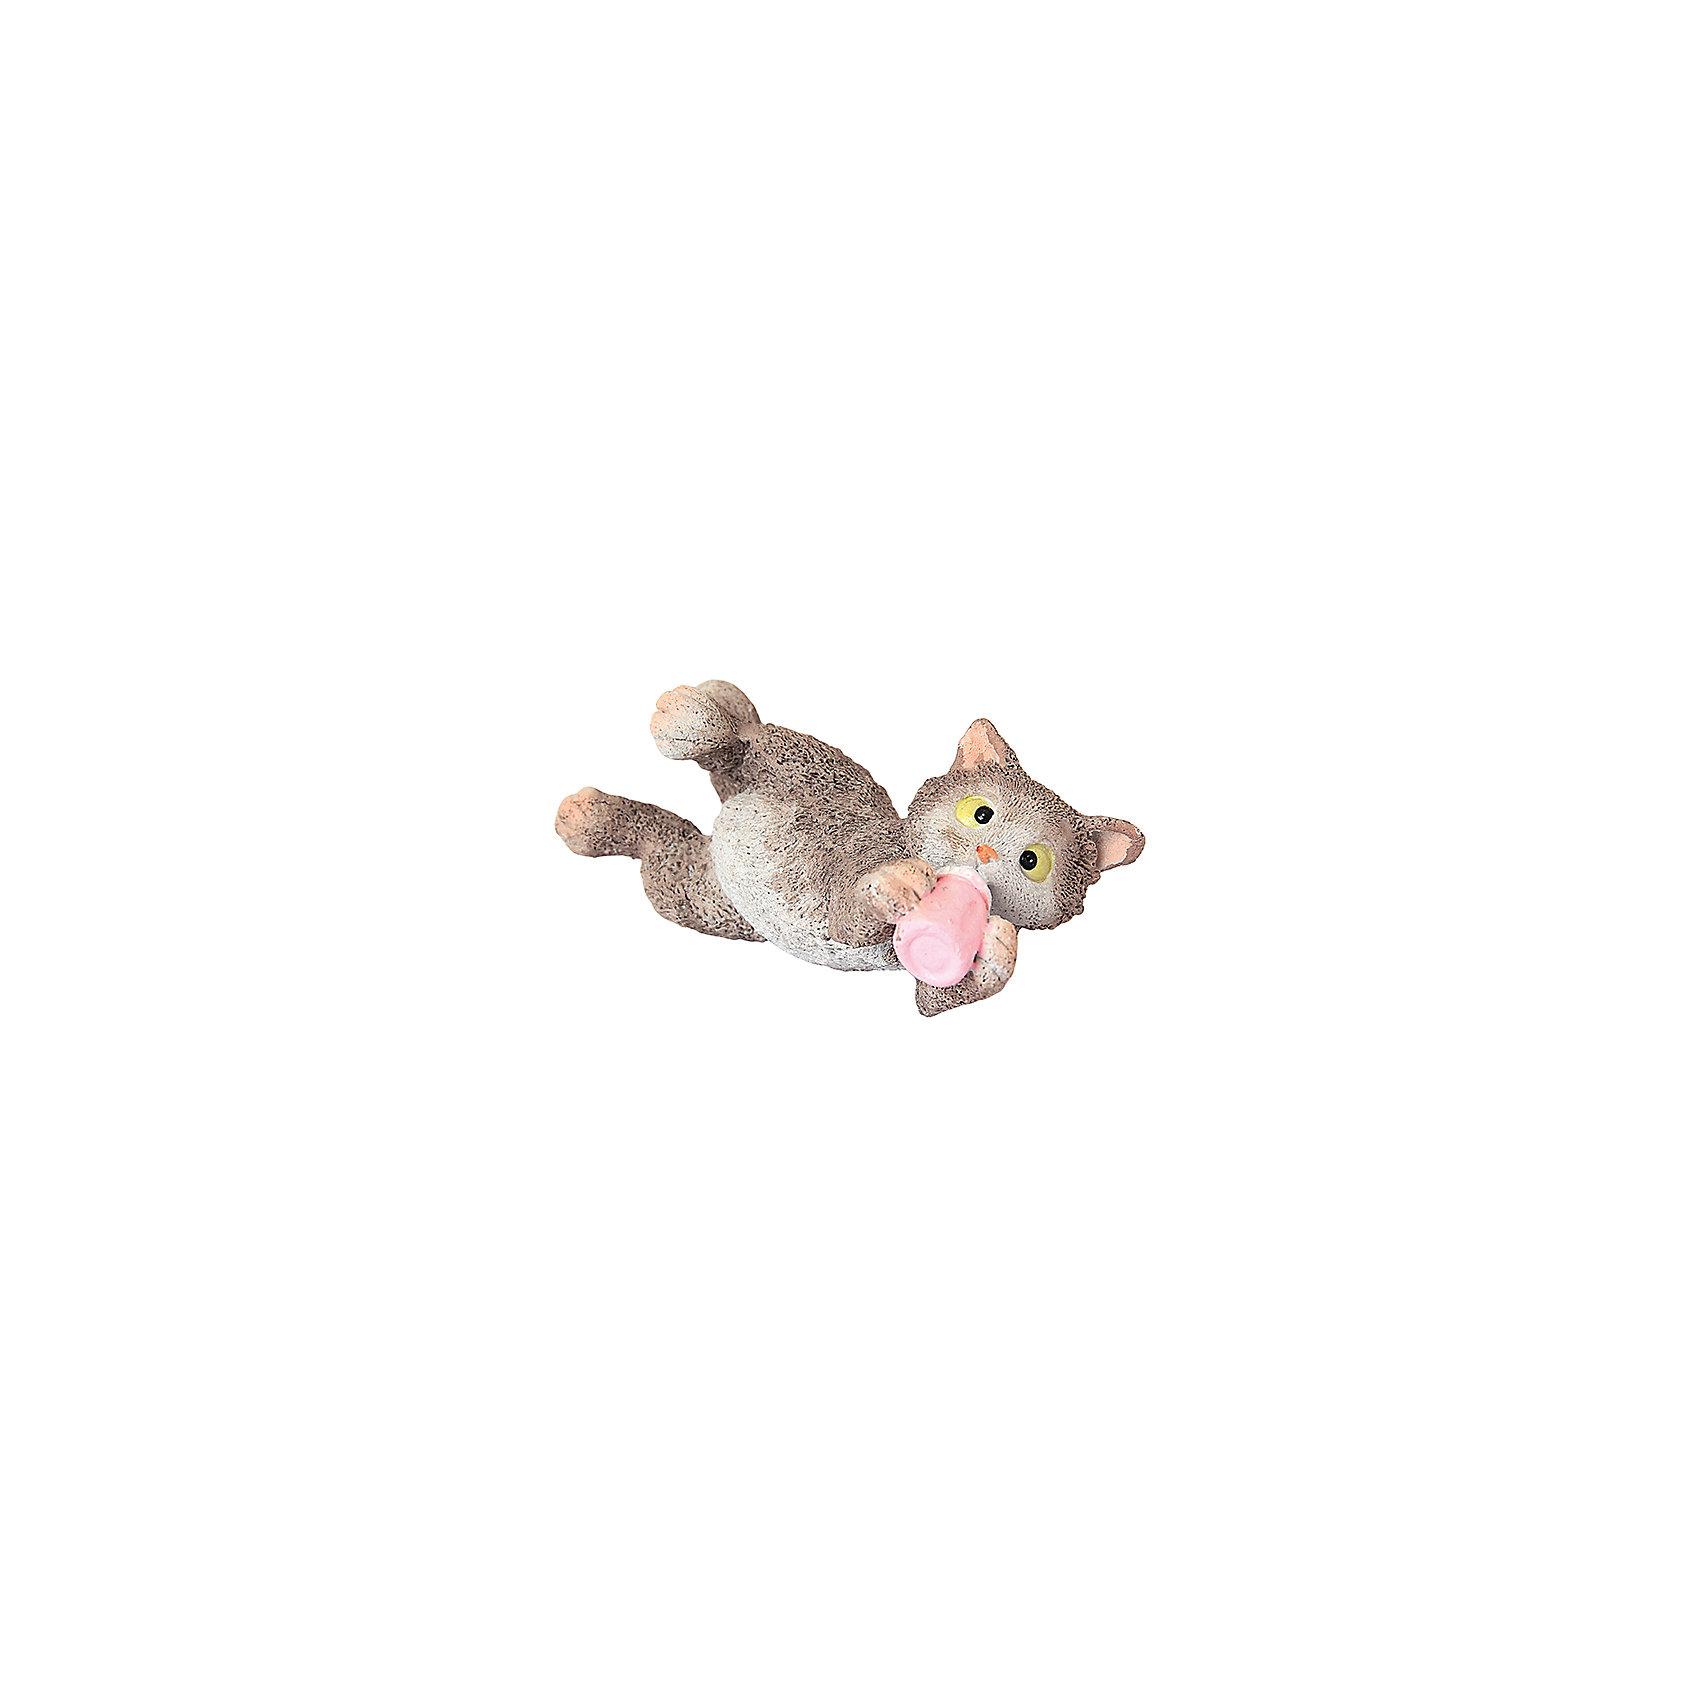 Фигурка декоративная Кот с бутылочкой молока, Elan GalleryПредметы интерьера<br>Характеристики товара:<br><br>• цвет: мульти<br>• материал: полистоун<br>• высота: 4 см<br>• вес: 100 г<br>• подходит к любому интерьеру<br>• отлично проработаны детали<br>• универсальный размер<br>• страна бренда: Российская Федерация<br>• страна производства: Китай<br><br>Такая декоративная фигурка - отличный пример красивой вещи для любого интерьера. Благодаря универсальному дизайну и расцветке она хорошо будет смотреться в помещении.<br><br>Декоративная фигурка может стать отличным приобретением для дома или подарком для любителей симпатичных вещей, украшающих пространство.<br><br>Бренд Elan Gallery - это красивые и практичные товары для дома с современным дизайном. Они добавляют в жильё уюта и комфорта! <br><br>Фигурку декоративную Кот с бутылочкой молока Elan Gallery можно купить в нашем интернет-магазине.<br><br>Ширина мм: 98<br>Глубина мм: 48<br>Высота мм: 48<br>Вес г: 104<br>Возраст от месяцев: 0<br>Возраст до месяцев: 1188<br>Пол: Унисекс<br>Возраст: Детский<br>SKU: 6669004